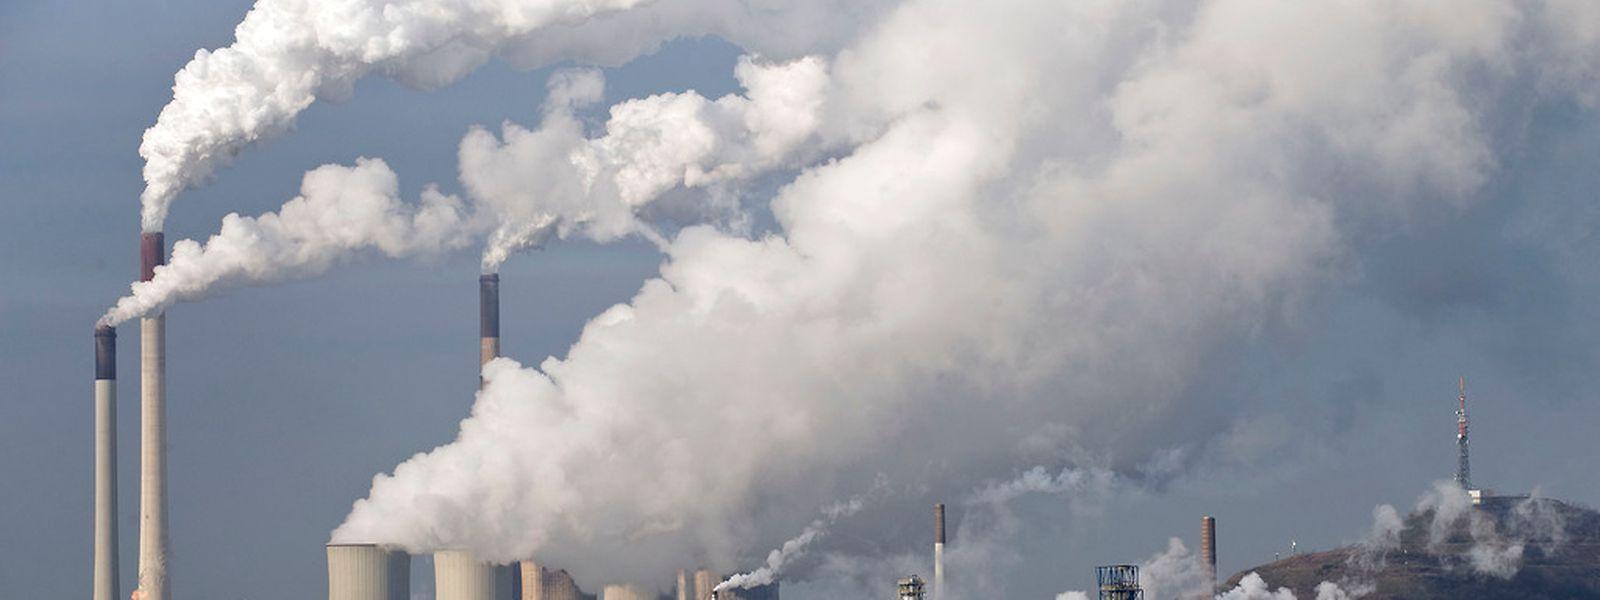 Der Kohlendioxid-Ausstoß hat trotz aller Gegenmaßnahmen weltweit zugenommen.